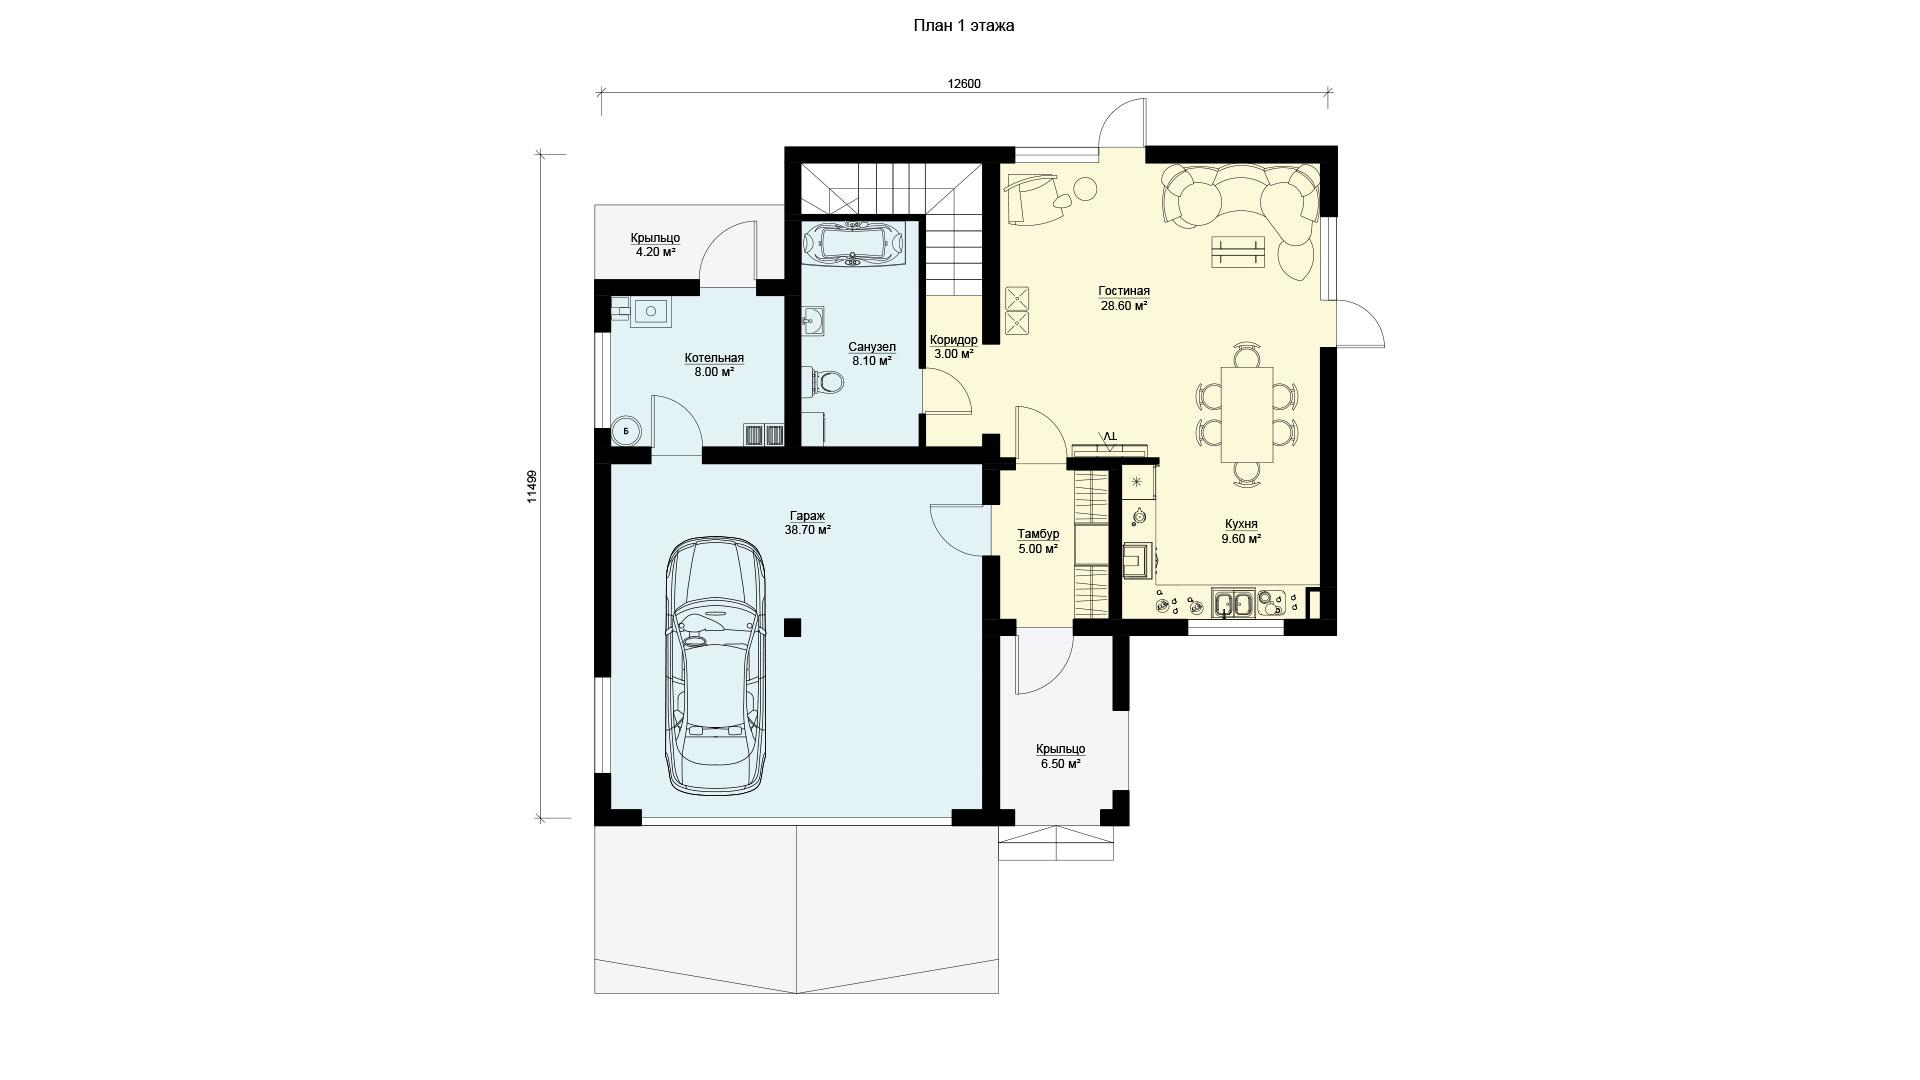 План первого этажа двухэтажного дома с эксплуатируемой крышей и гаражом, проект БЭНПАН БП-222.